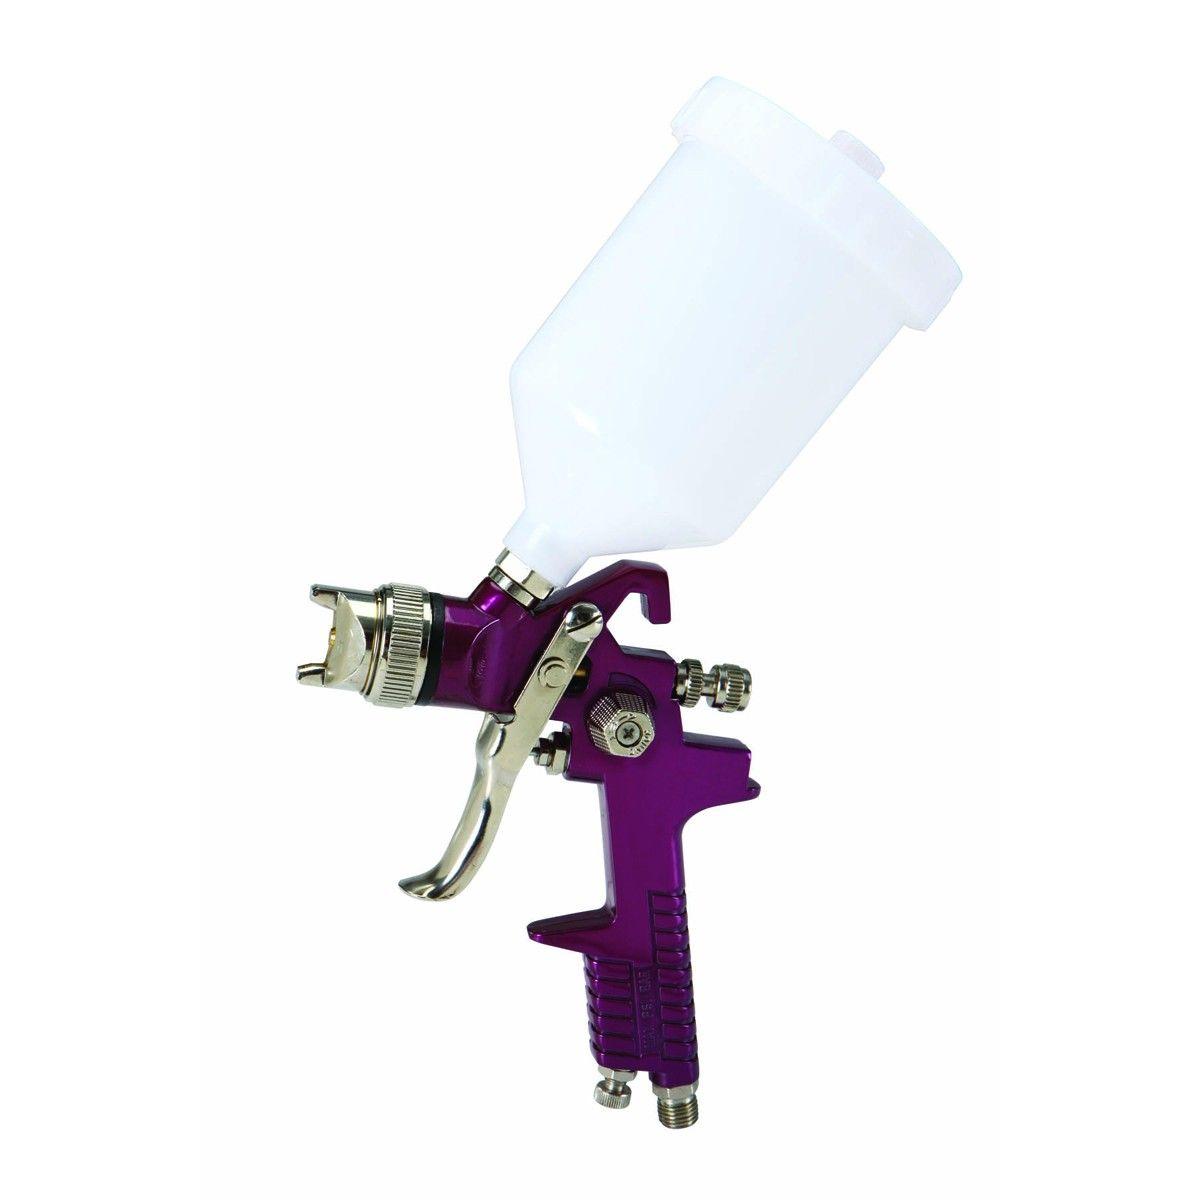 20 fl  oz  HVLP Gravity Feed Air Spray Gun | For the Home | Air